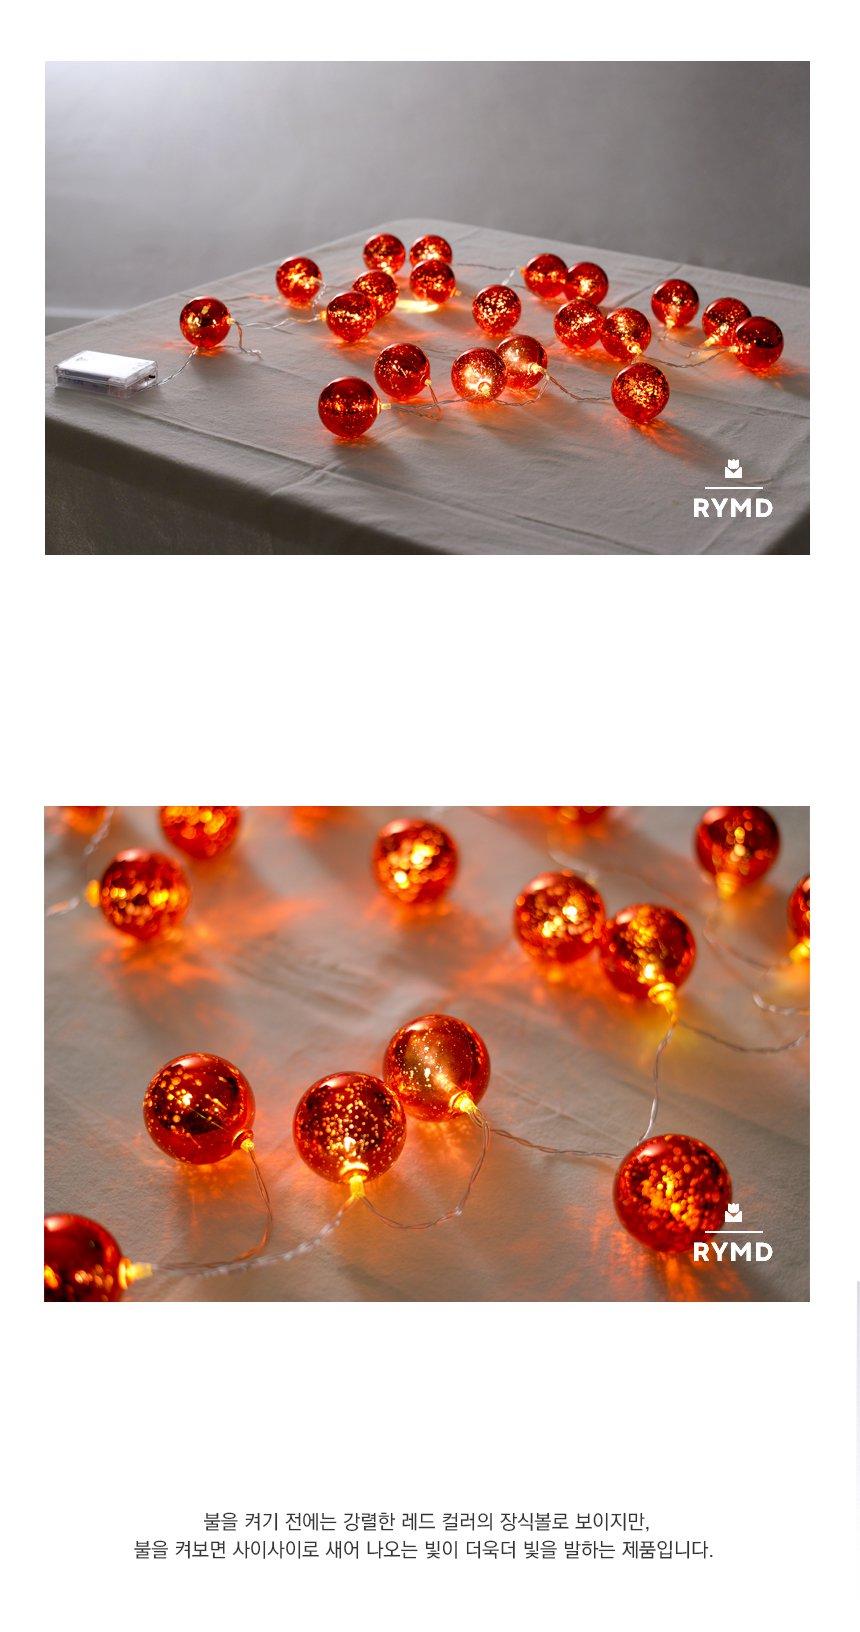 CHRISTMAS_RED_ORNAMENT_STRING_LIGHT_05.jpg